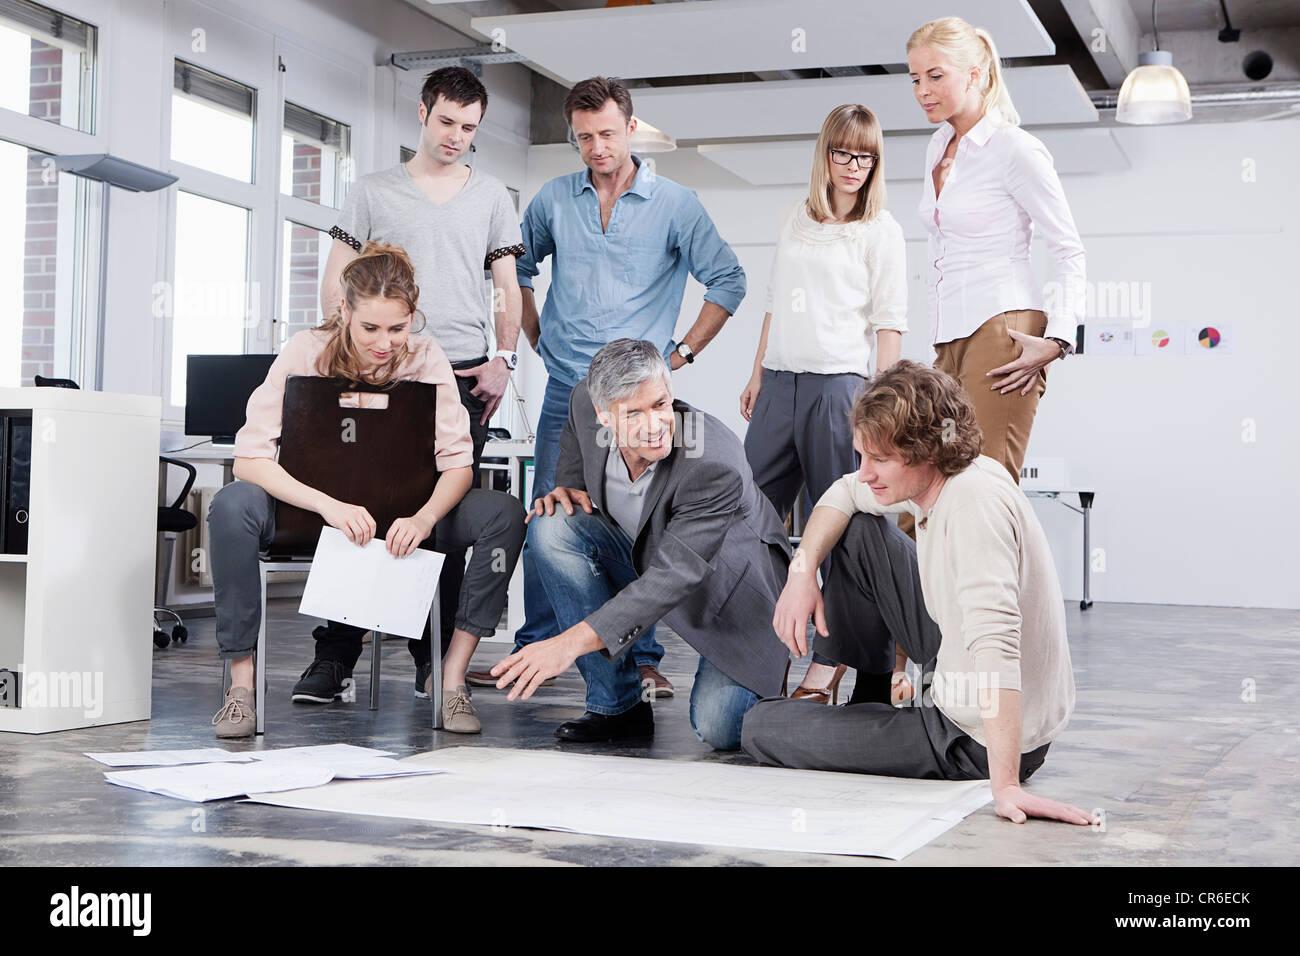 Deutschland, Bayern, München, Männer und Frauen diskutieren im Büro Stockfoto